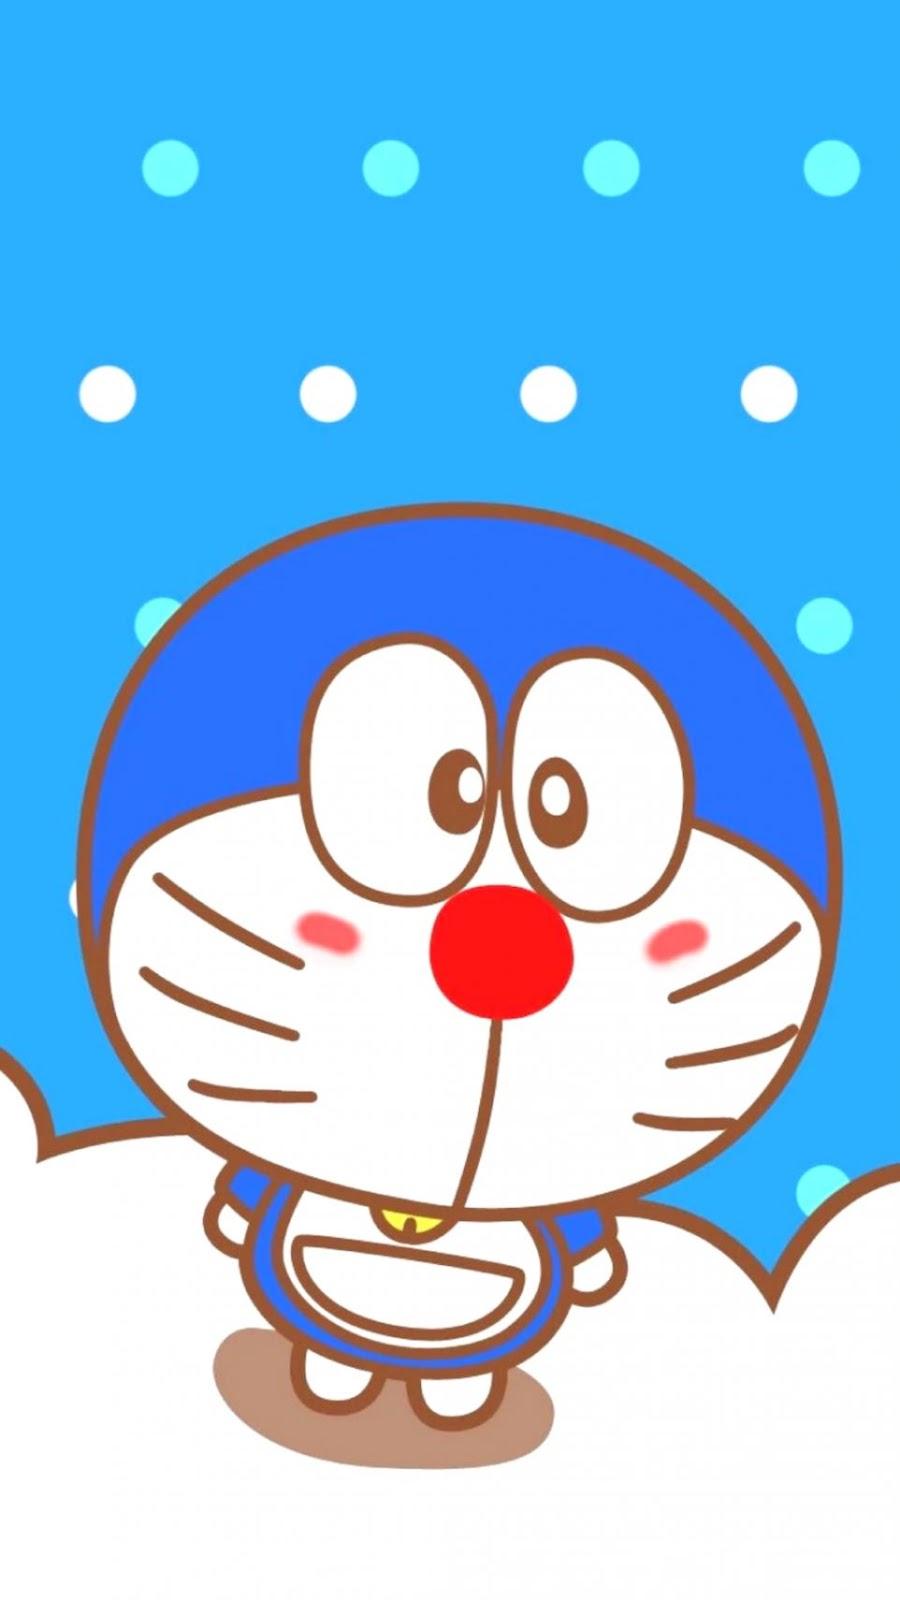 Download 95 Doraemon Joker Wallpaper HD Terbaru Wallpaper